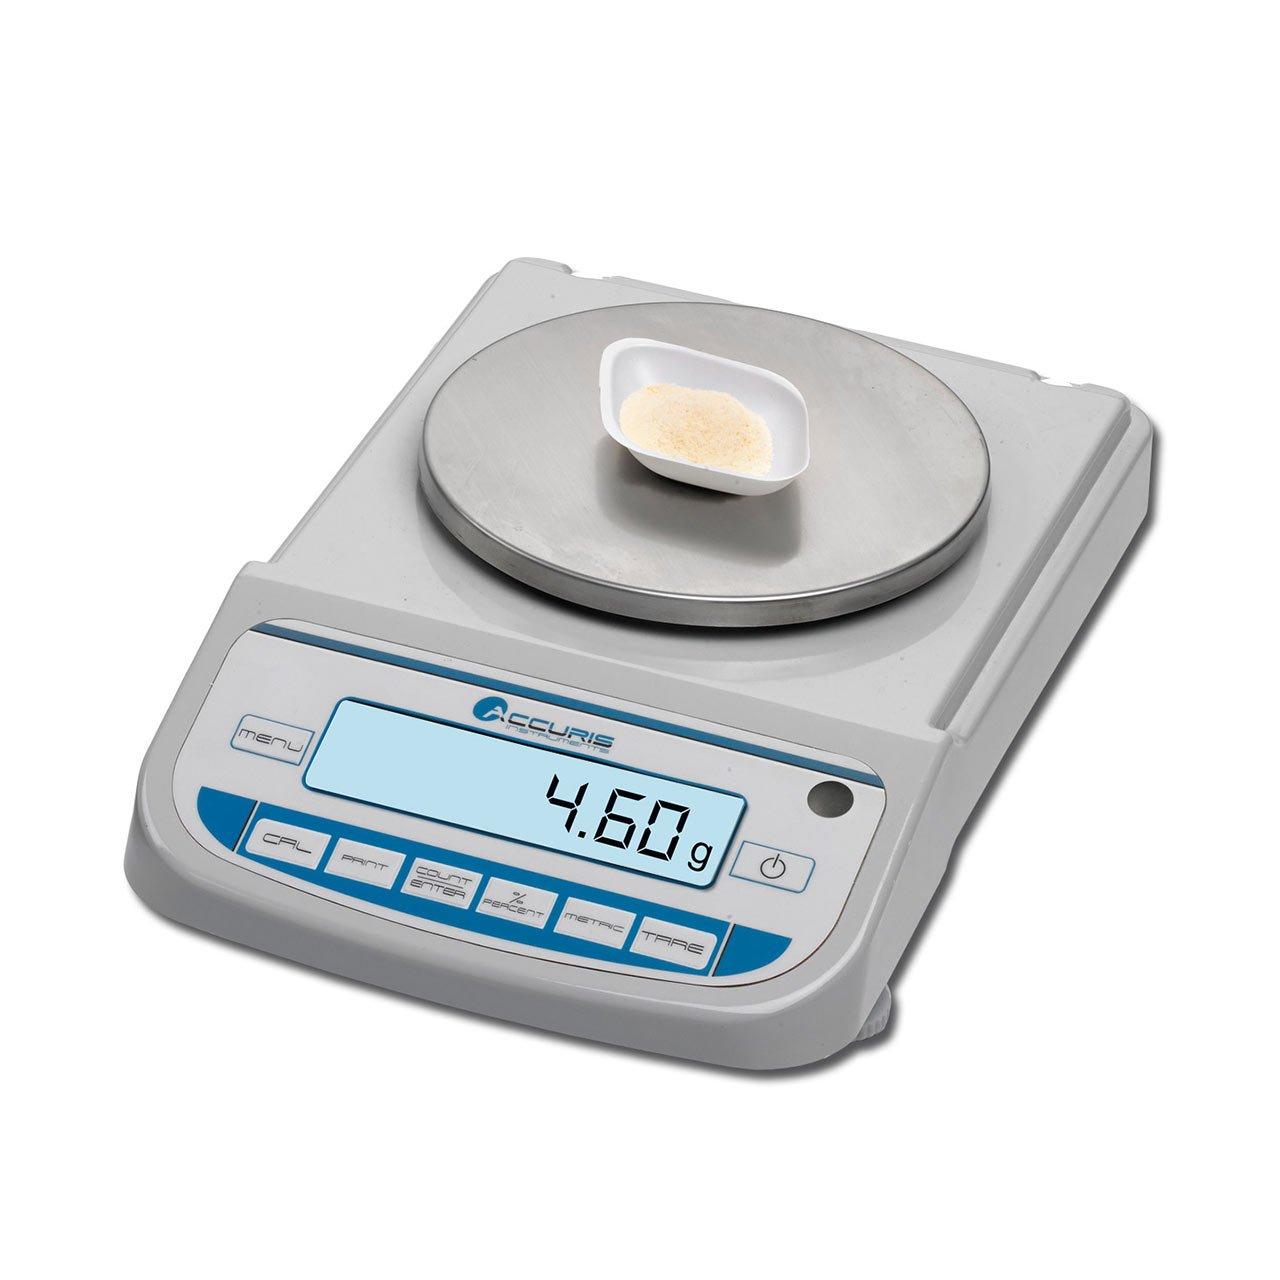 Accuris Precision Balance 1200g